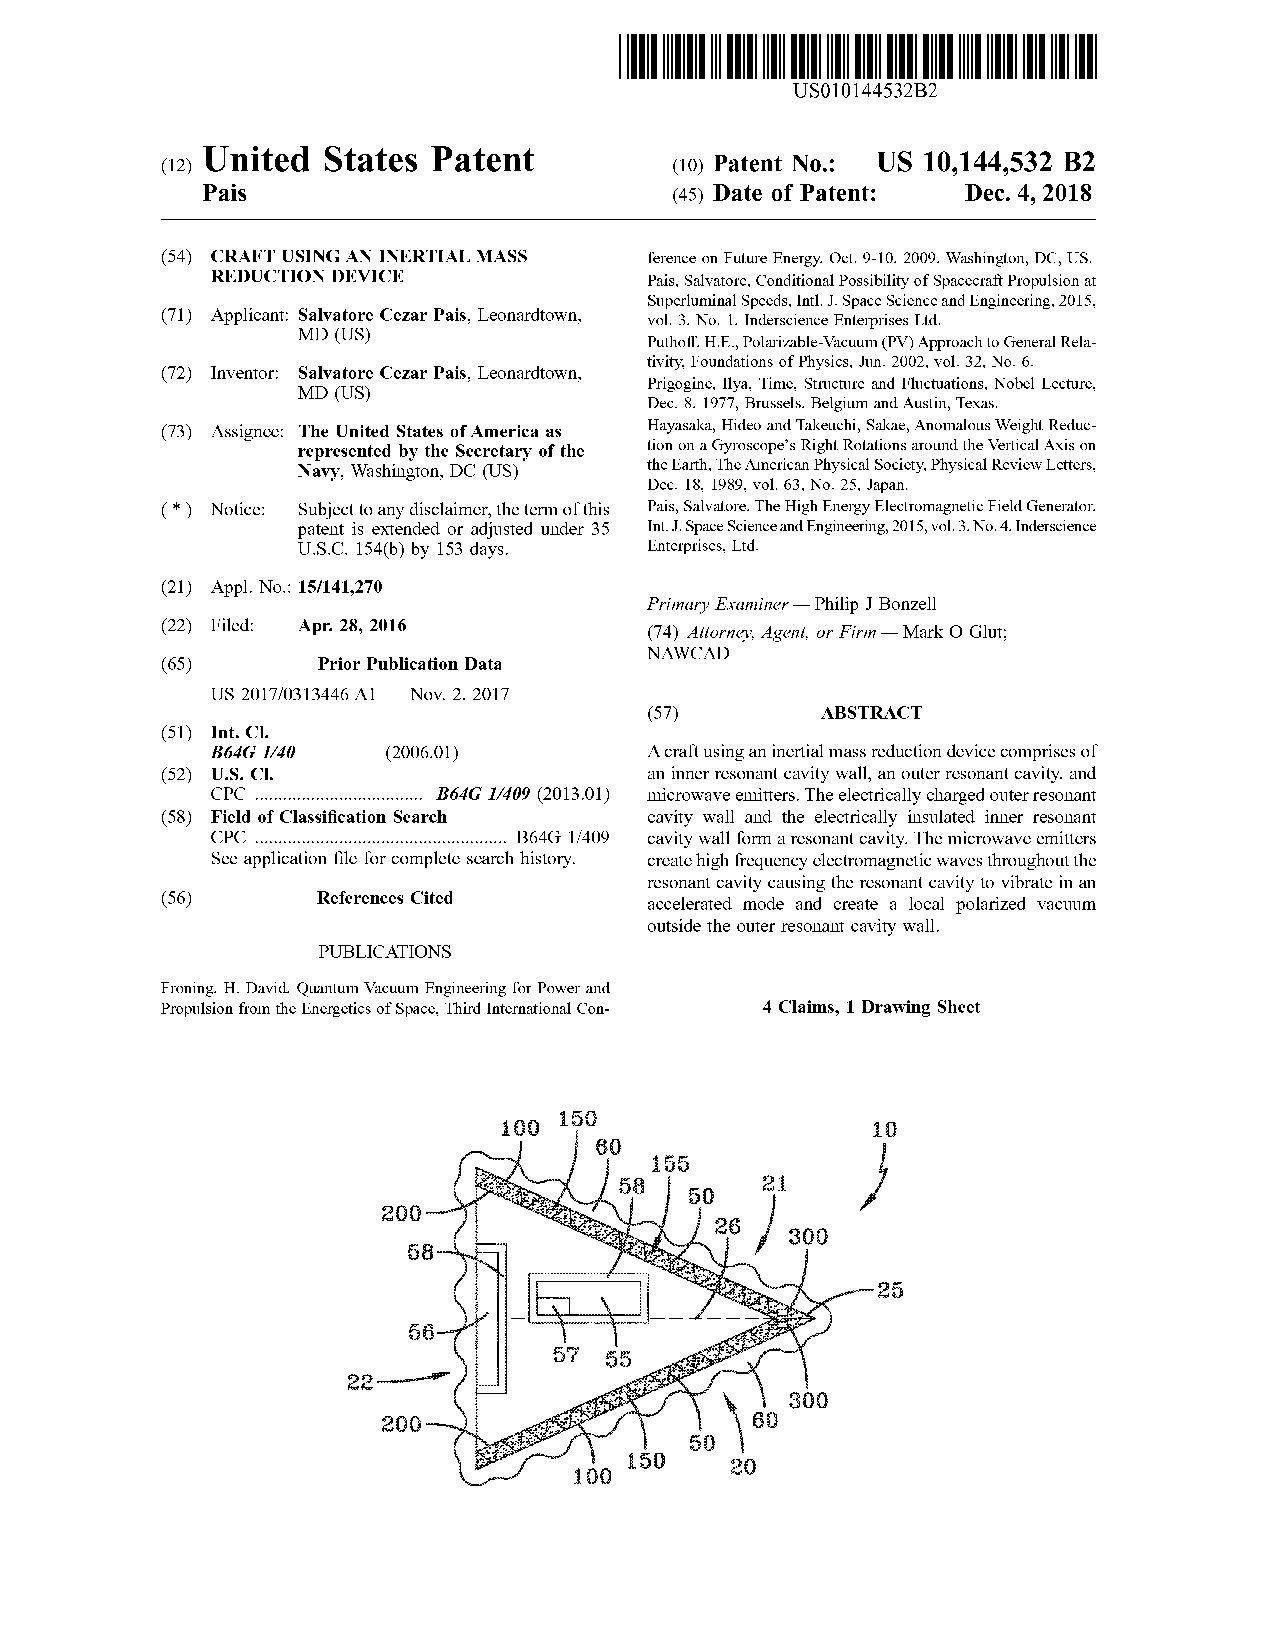 File:Patent US10144532.pdf - Wikimedia Commons